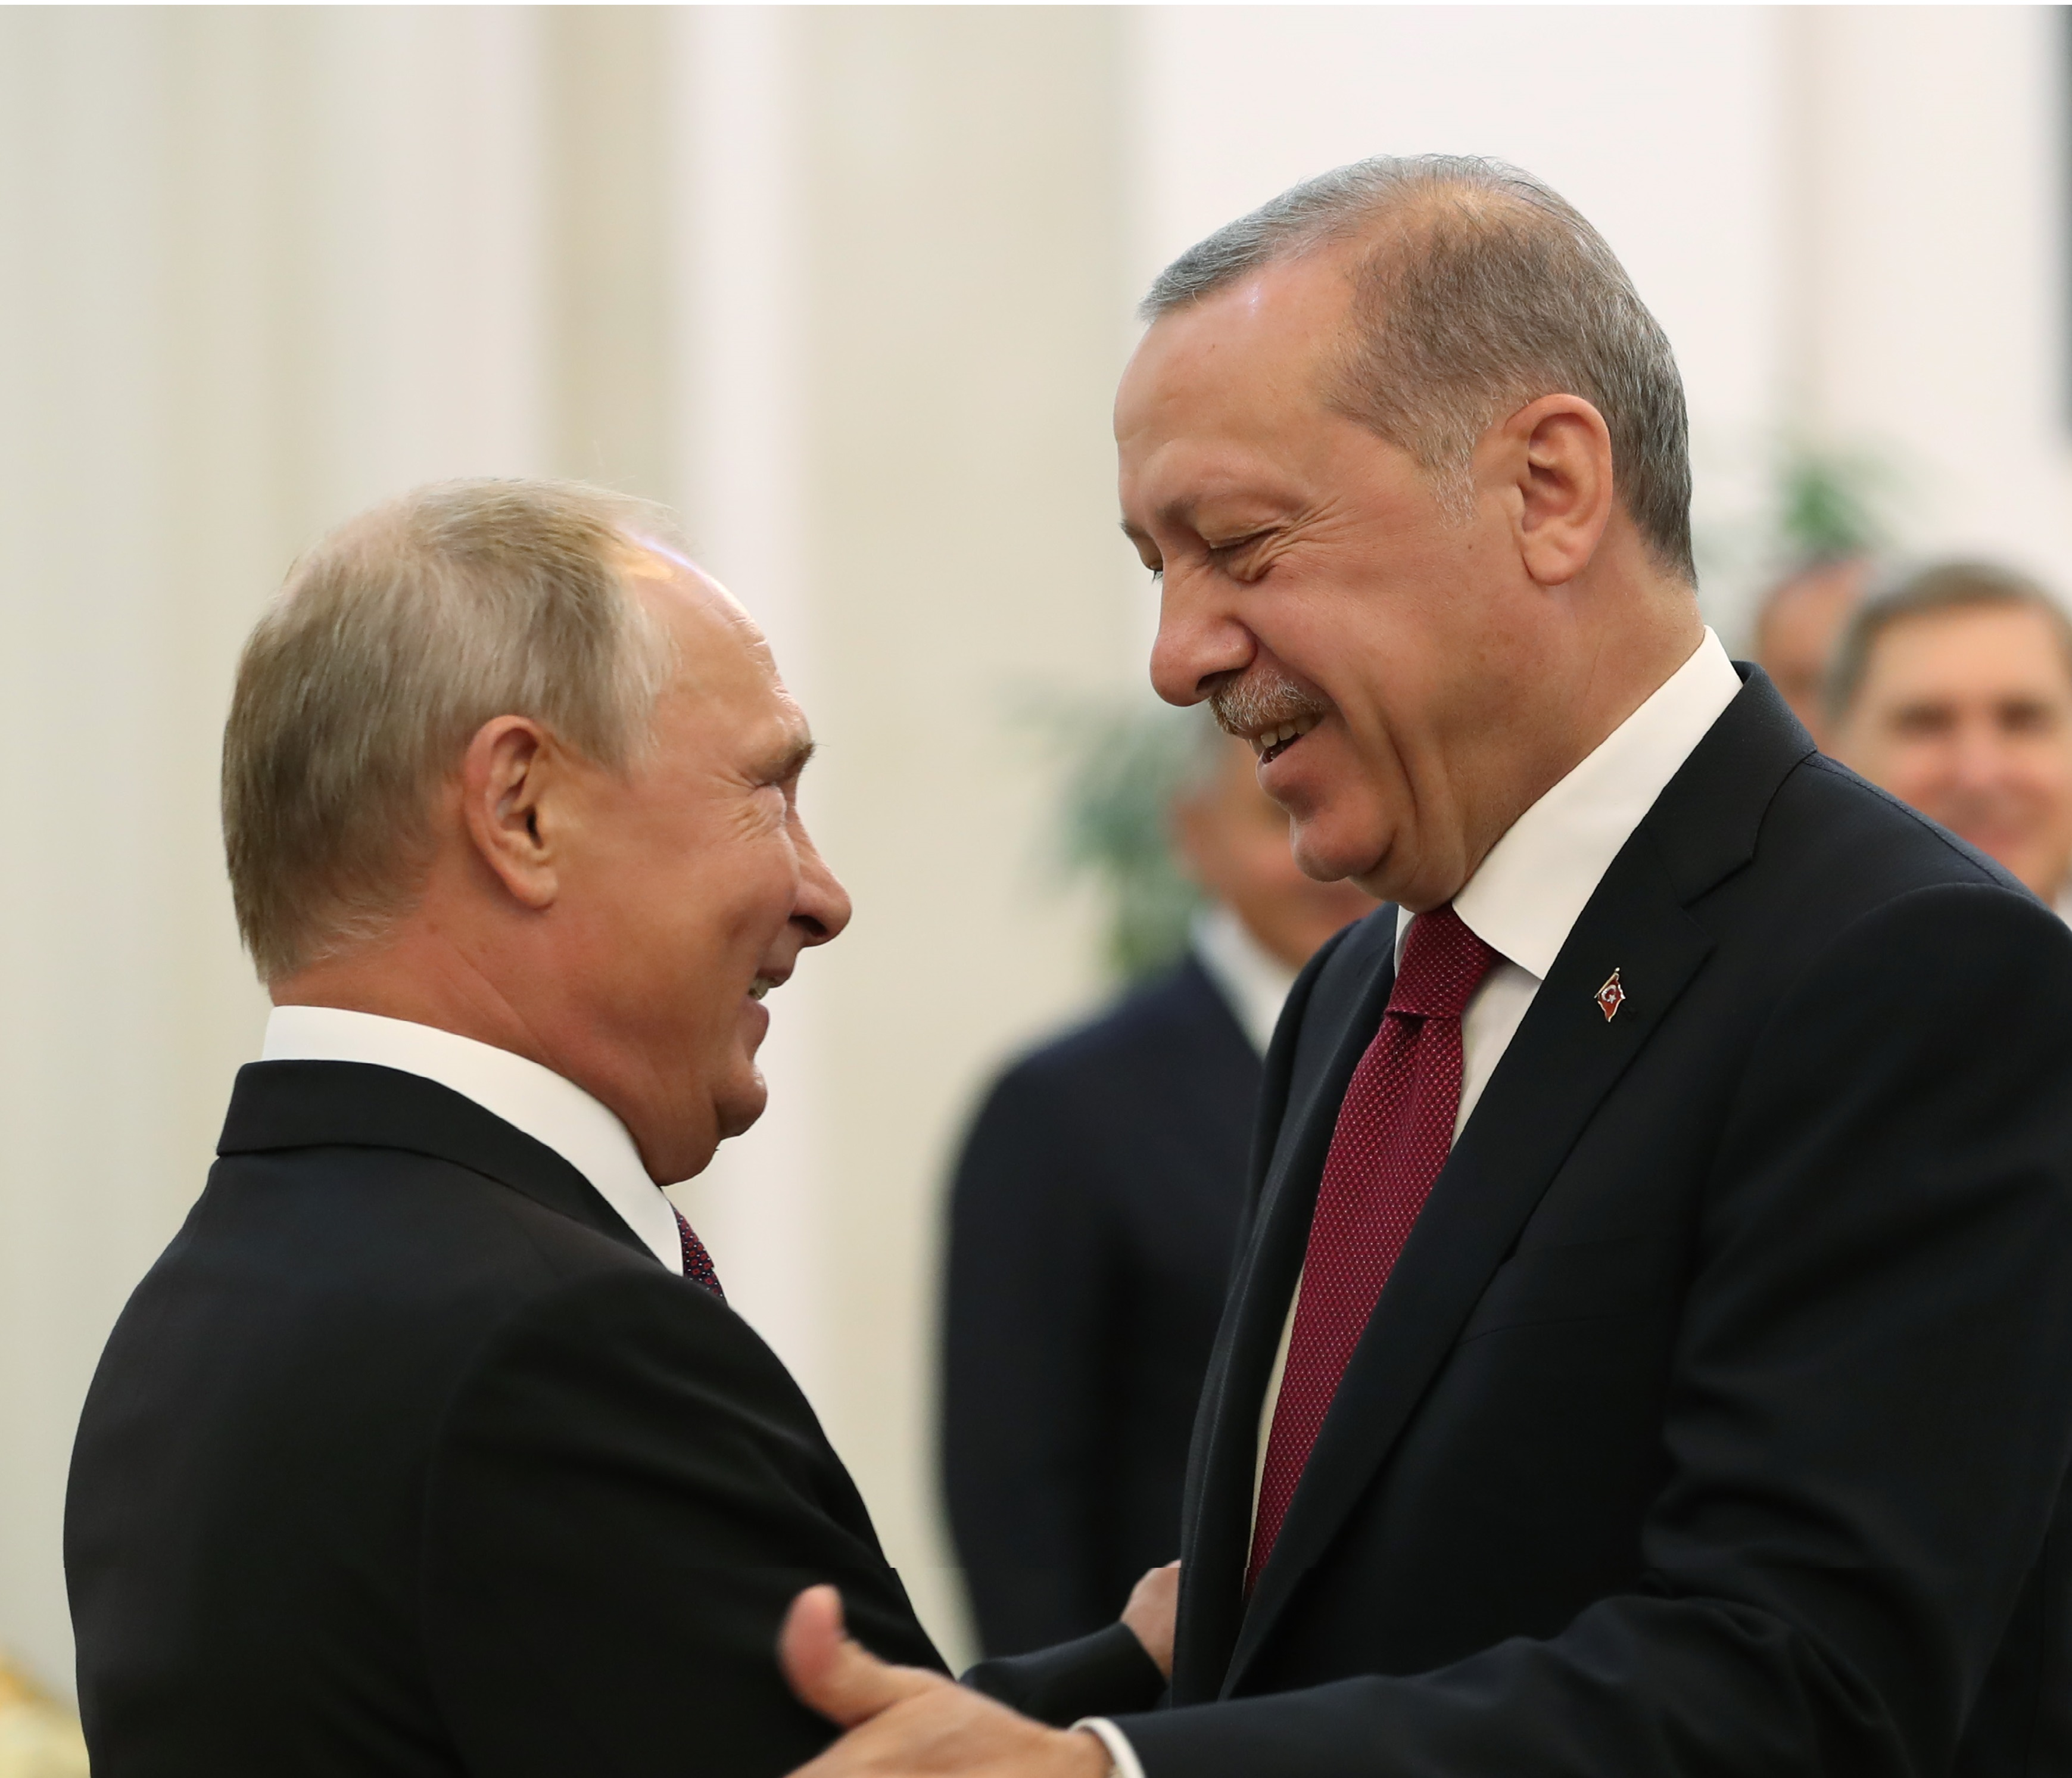 Syrie: Poutine a invité Erdogan en Russie «dans les prochains jours»